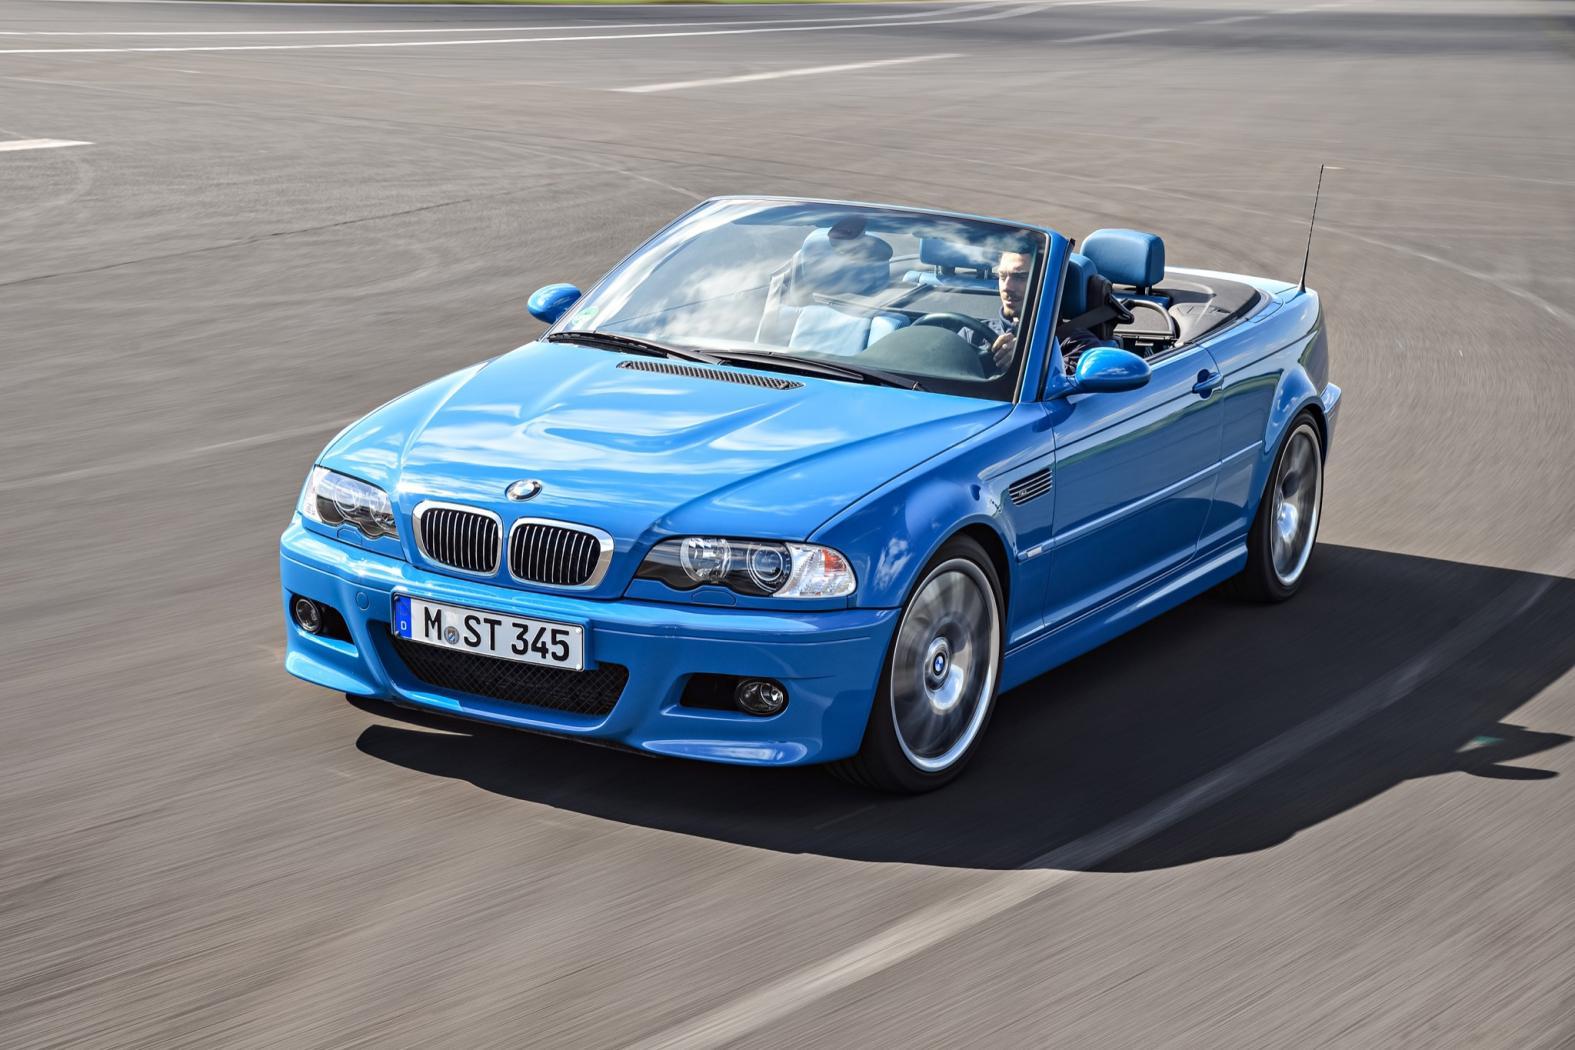 BMW-M3-E46-Cabriolet.jpeg